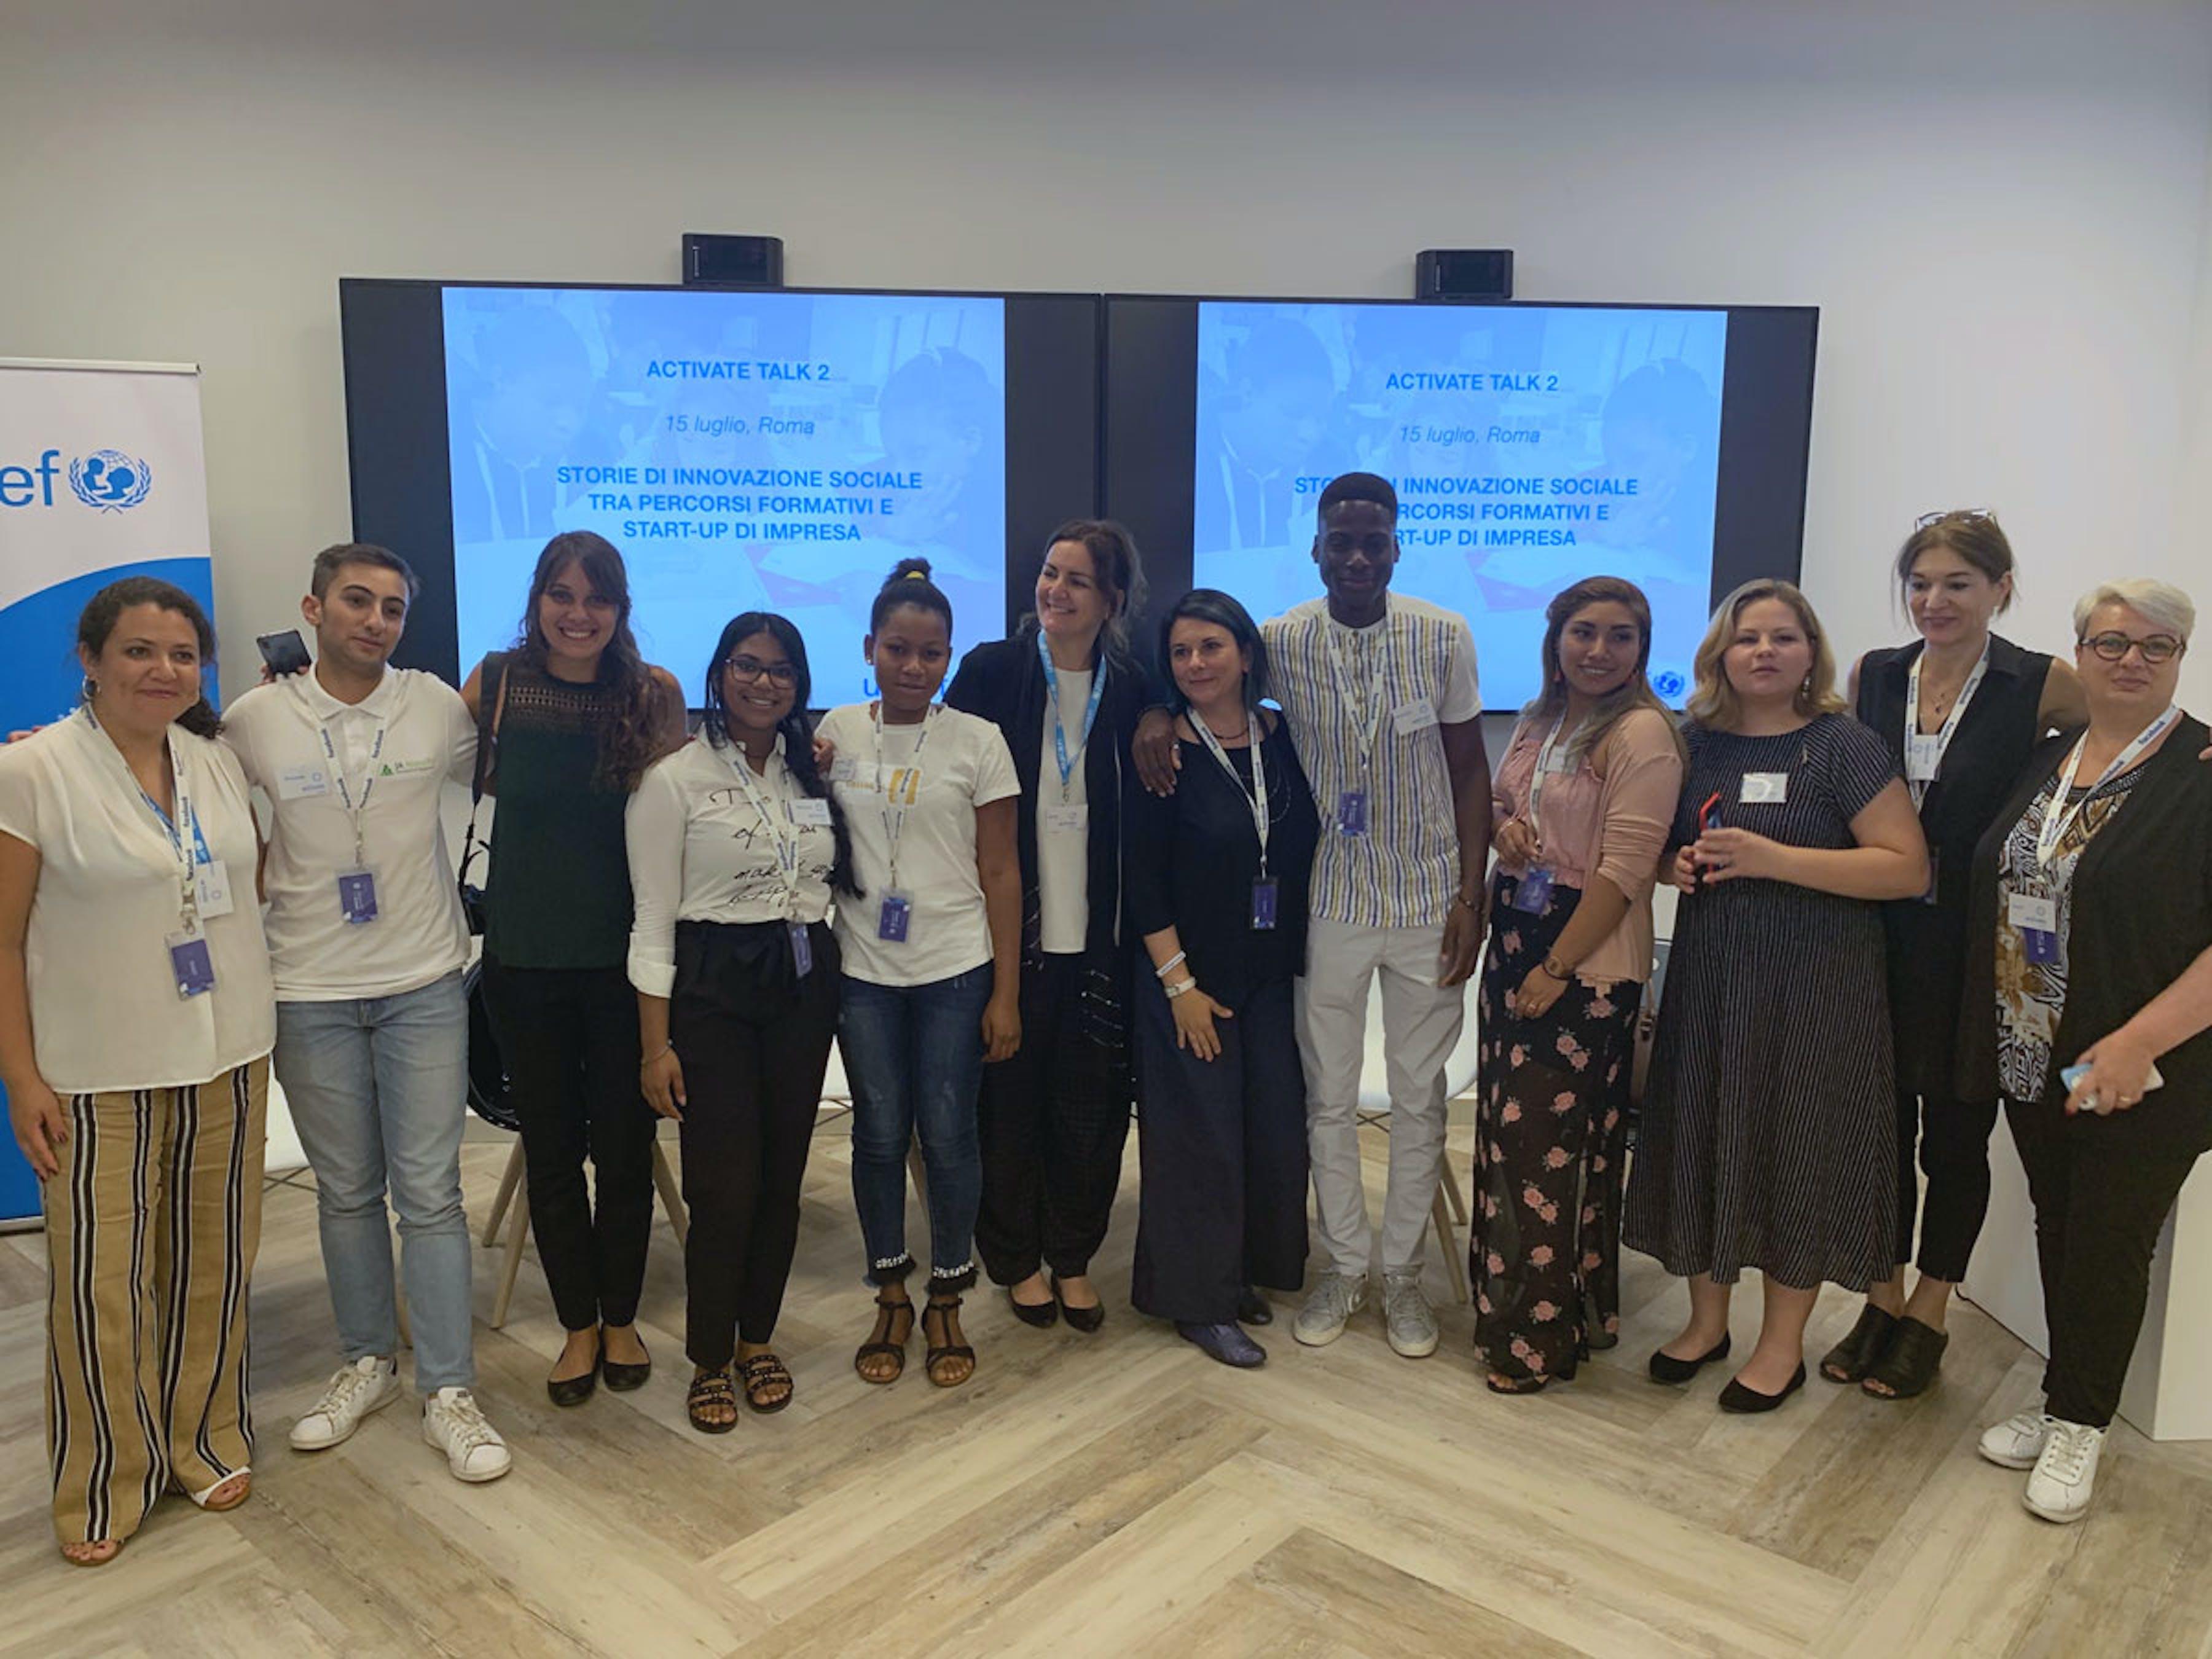 I giovani relatori di Activate Talks Italia #2 (Roma, 15 luglio 2019) - ©UNICEF Italia/2019/G.Ferzi